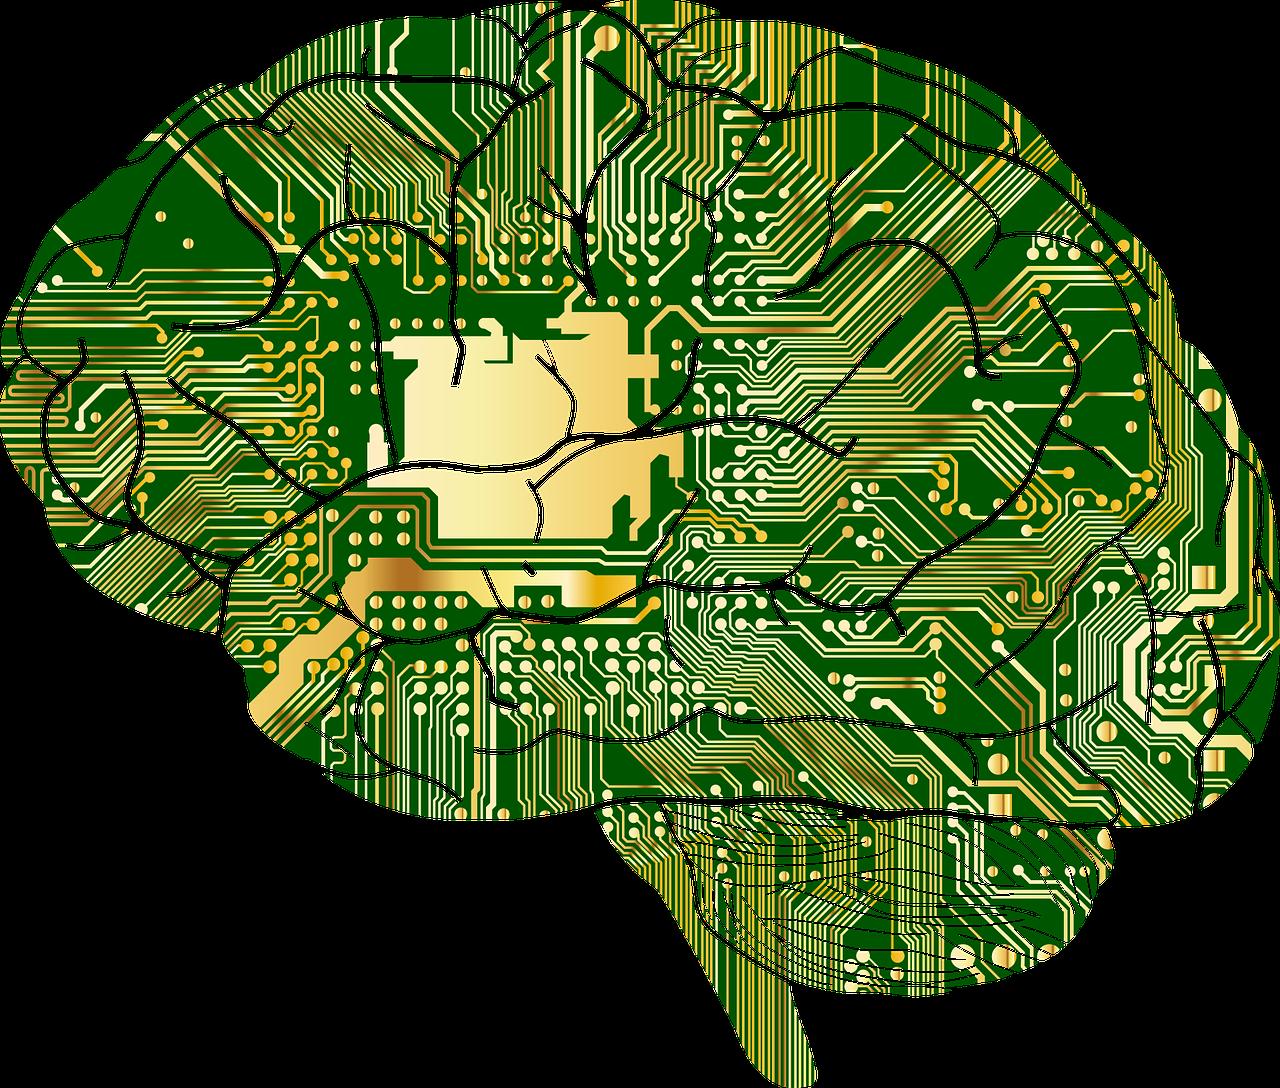 Intel wykorzysta Sztuczną Inteligencję do walki z mową nienawiści